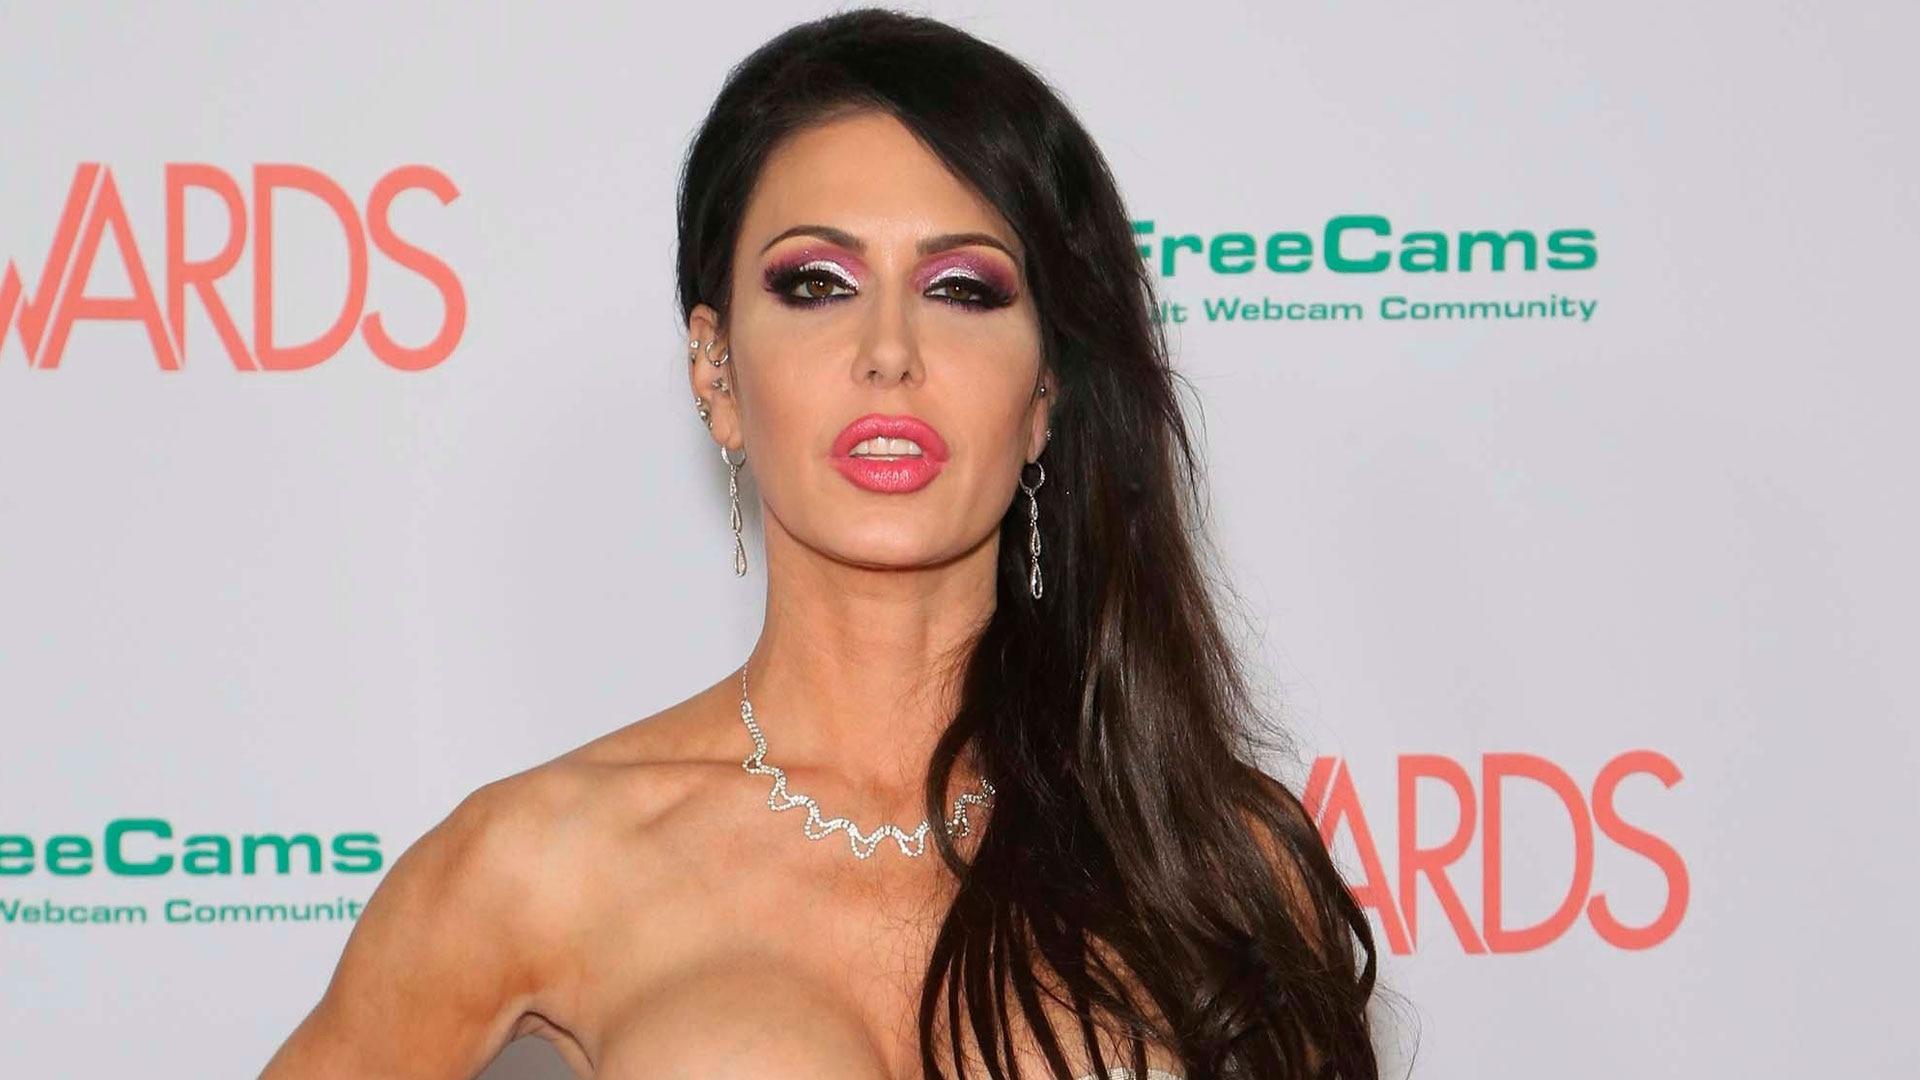 Actrices Porno.fallecidas Recientemente hallaron muerta a la estrella porno jessica jaymes - infobae